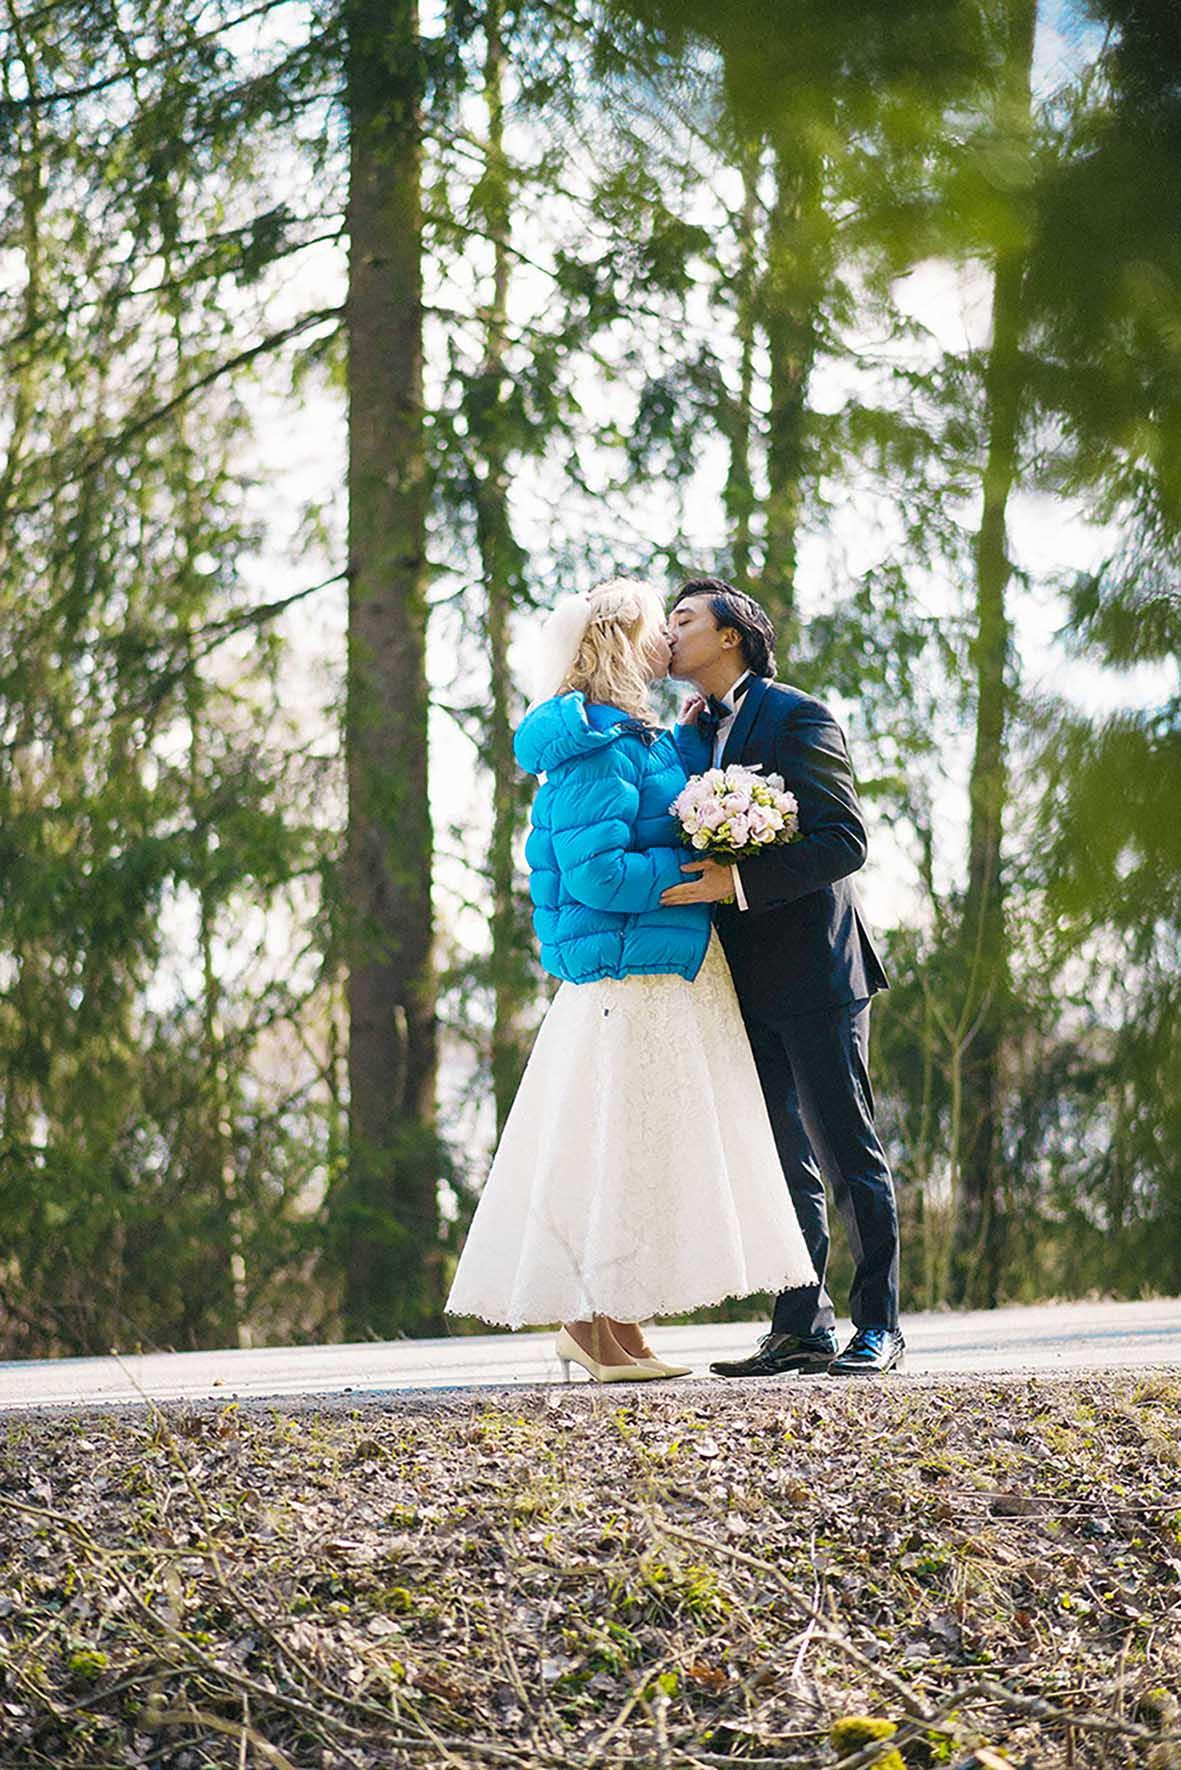 Blå jakke, brud og brudgom kysser I skogen